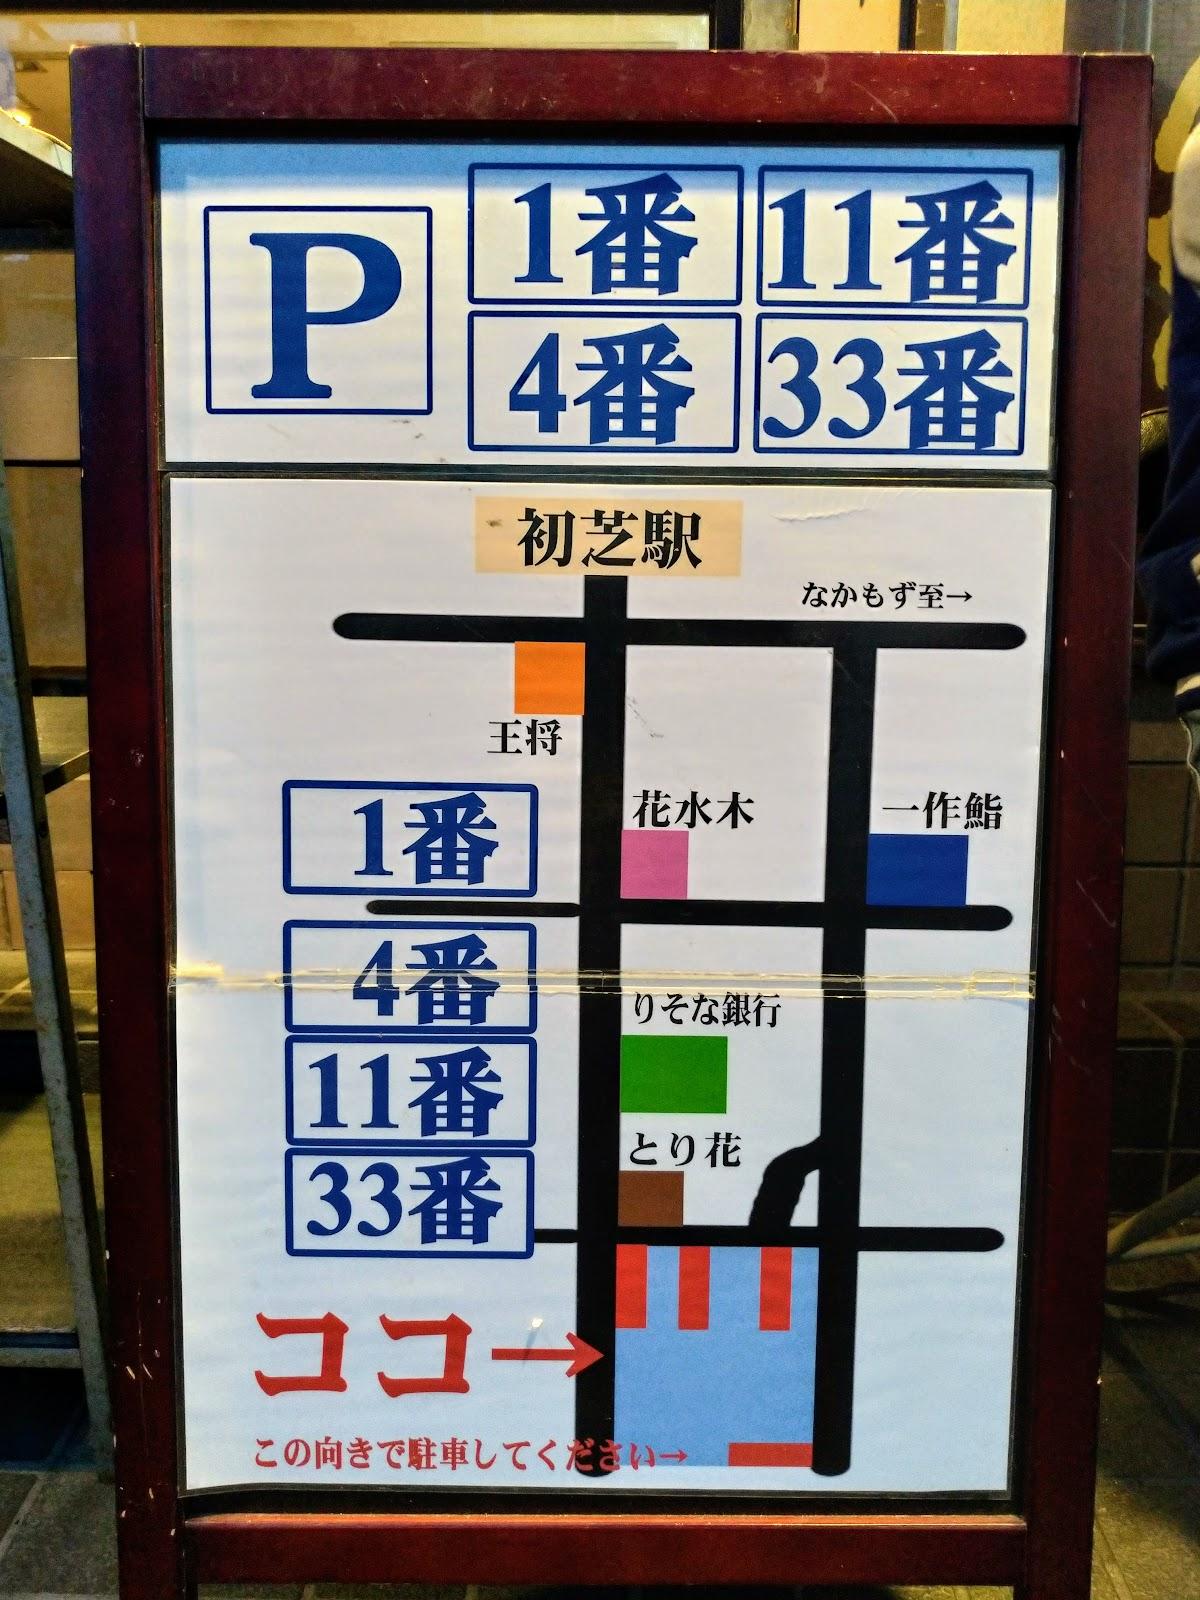 駐車場|大阪府堺市初芝駅近くの「一作鮨」へ